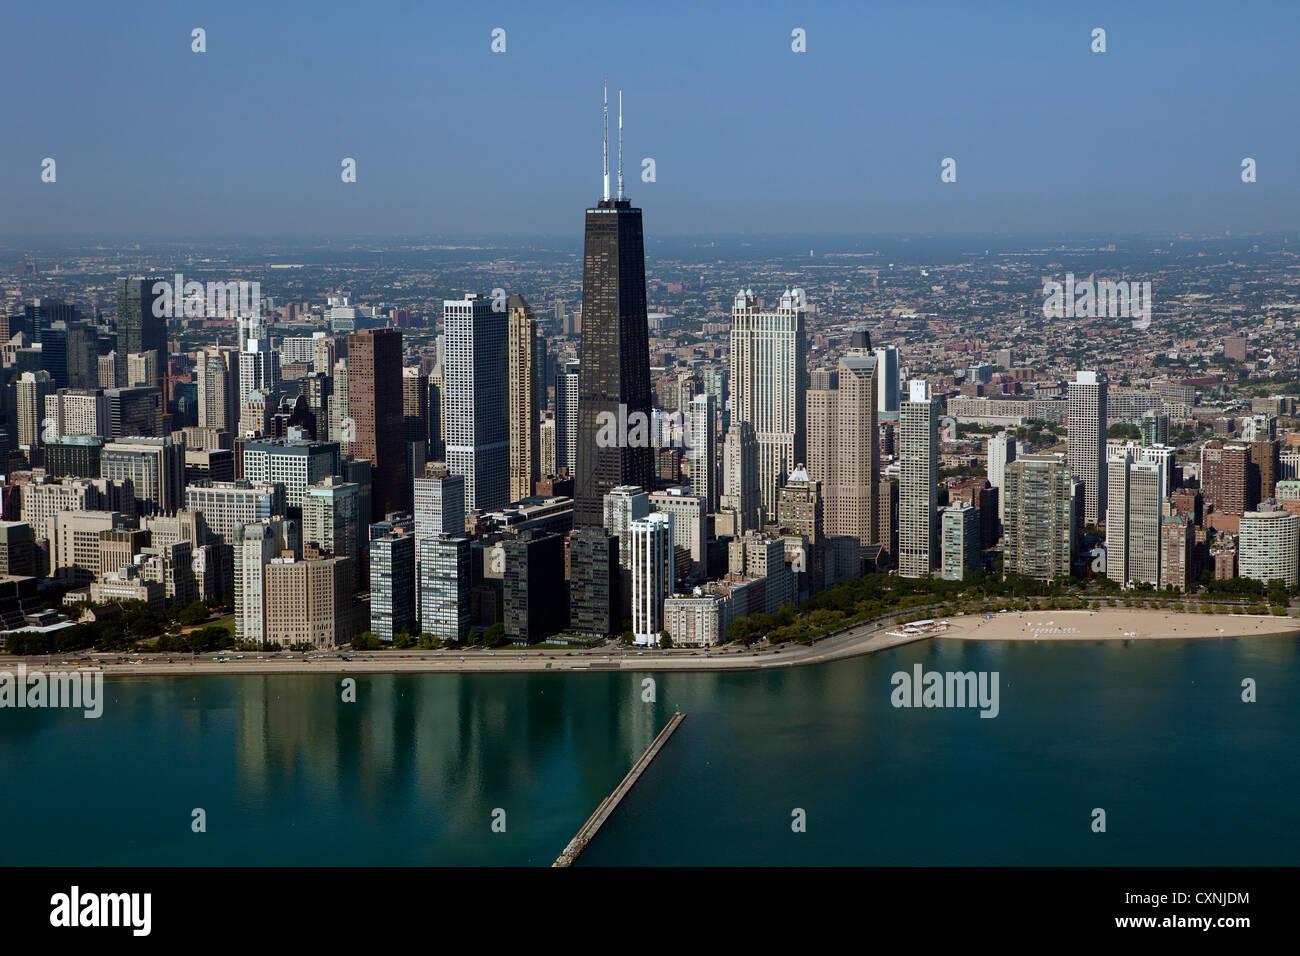 Photographie aérienne du centre-ville de Chicago, Illinois Photo Stock